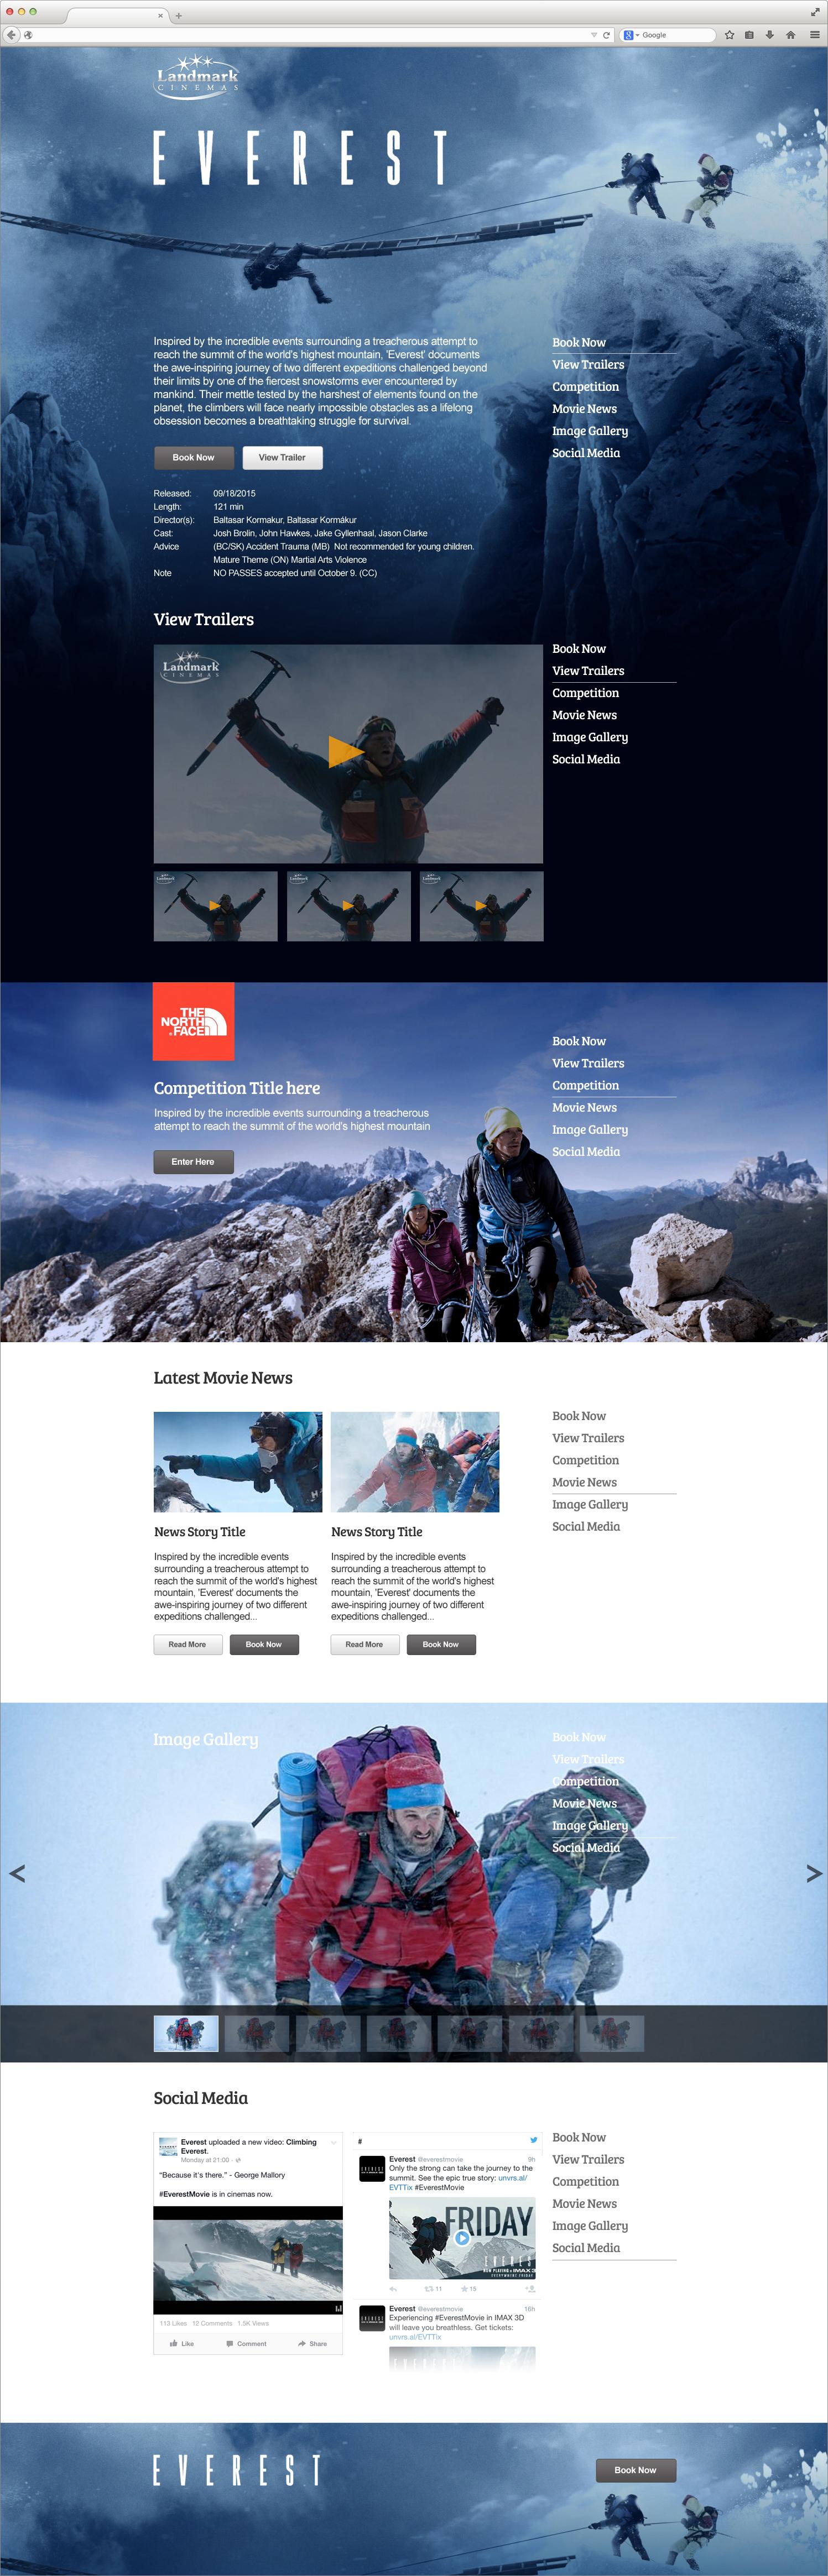 Landmark - Freelance Website Designer Glasgow